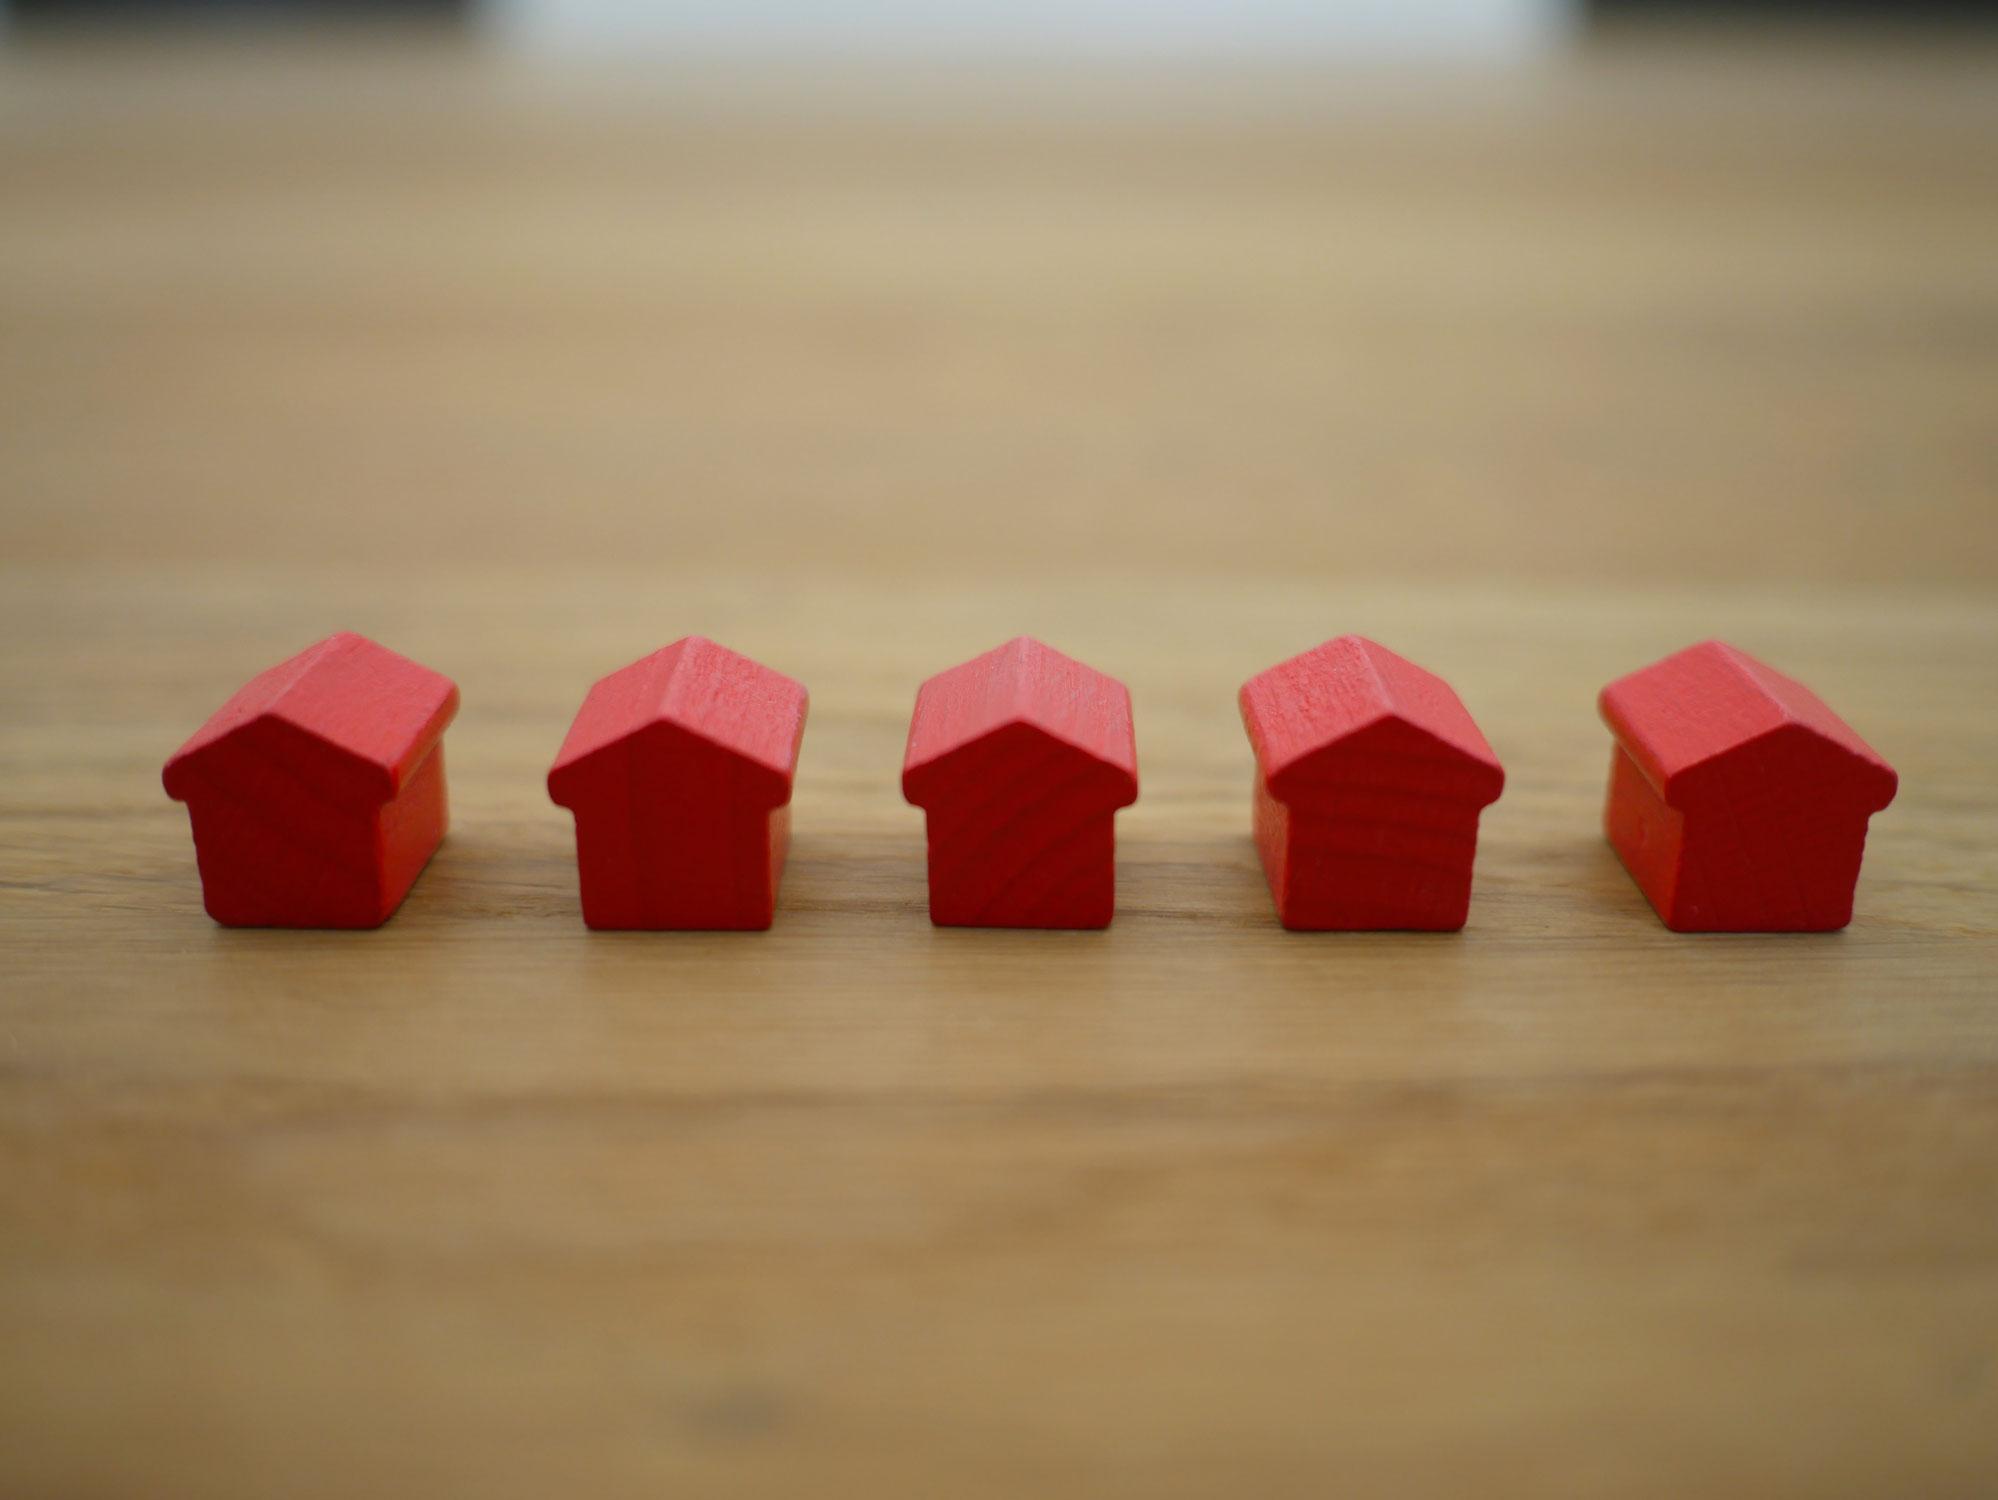 Bezahlbarer Wohnraum: Mangelware in Südlohn